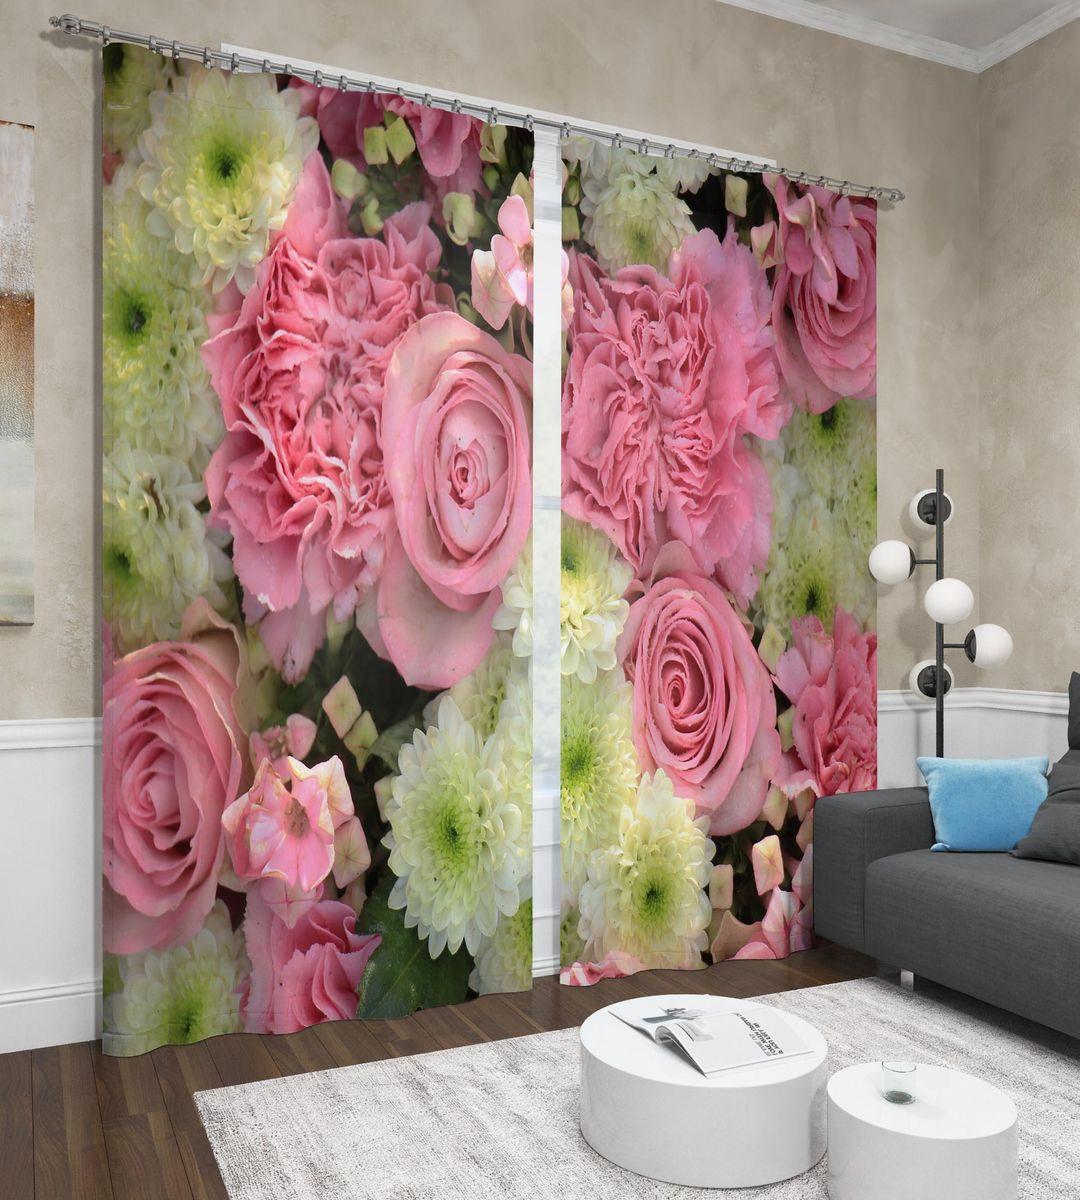 Фотошторы Сирень Астры и розы, ФШСТ001-13506, розовый, 260 х 150 см, 2 шт